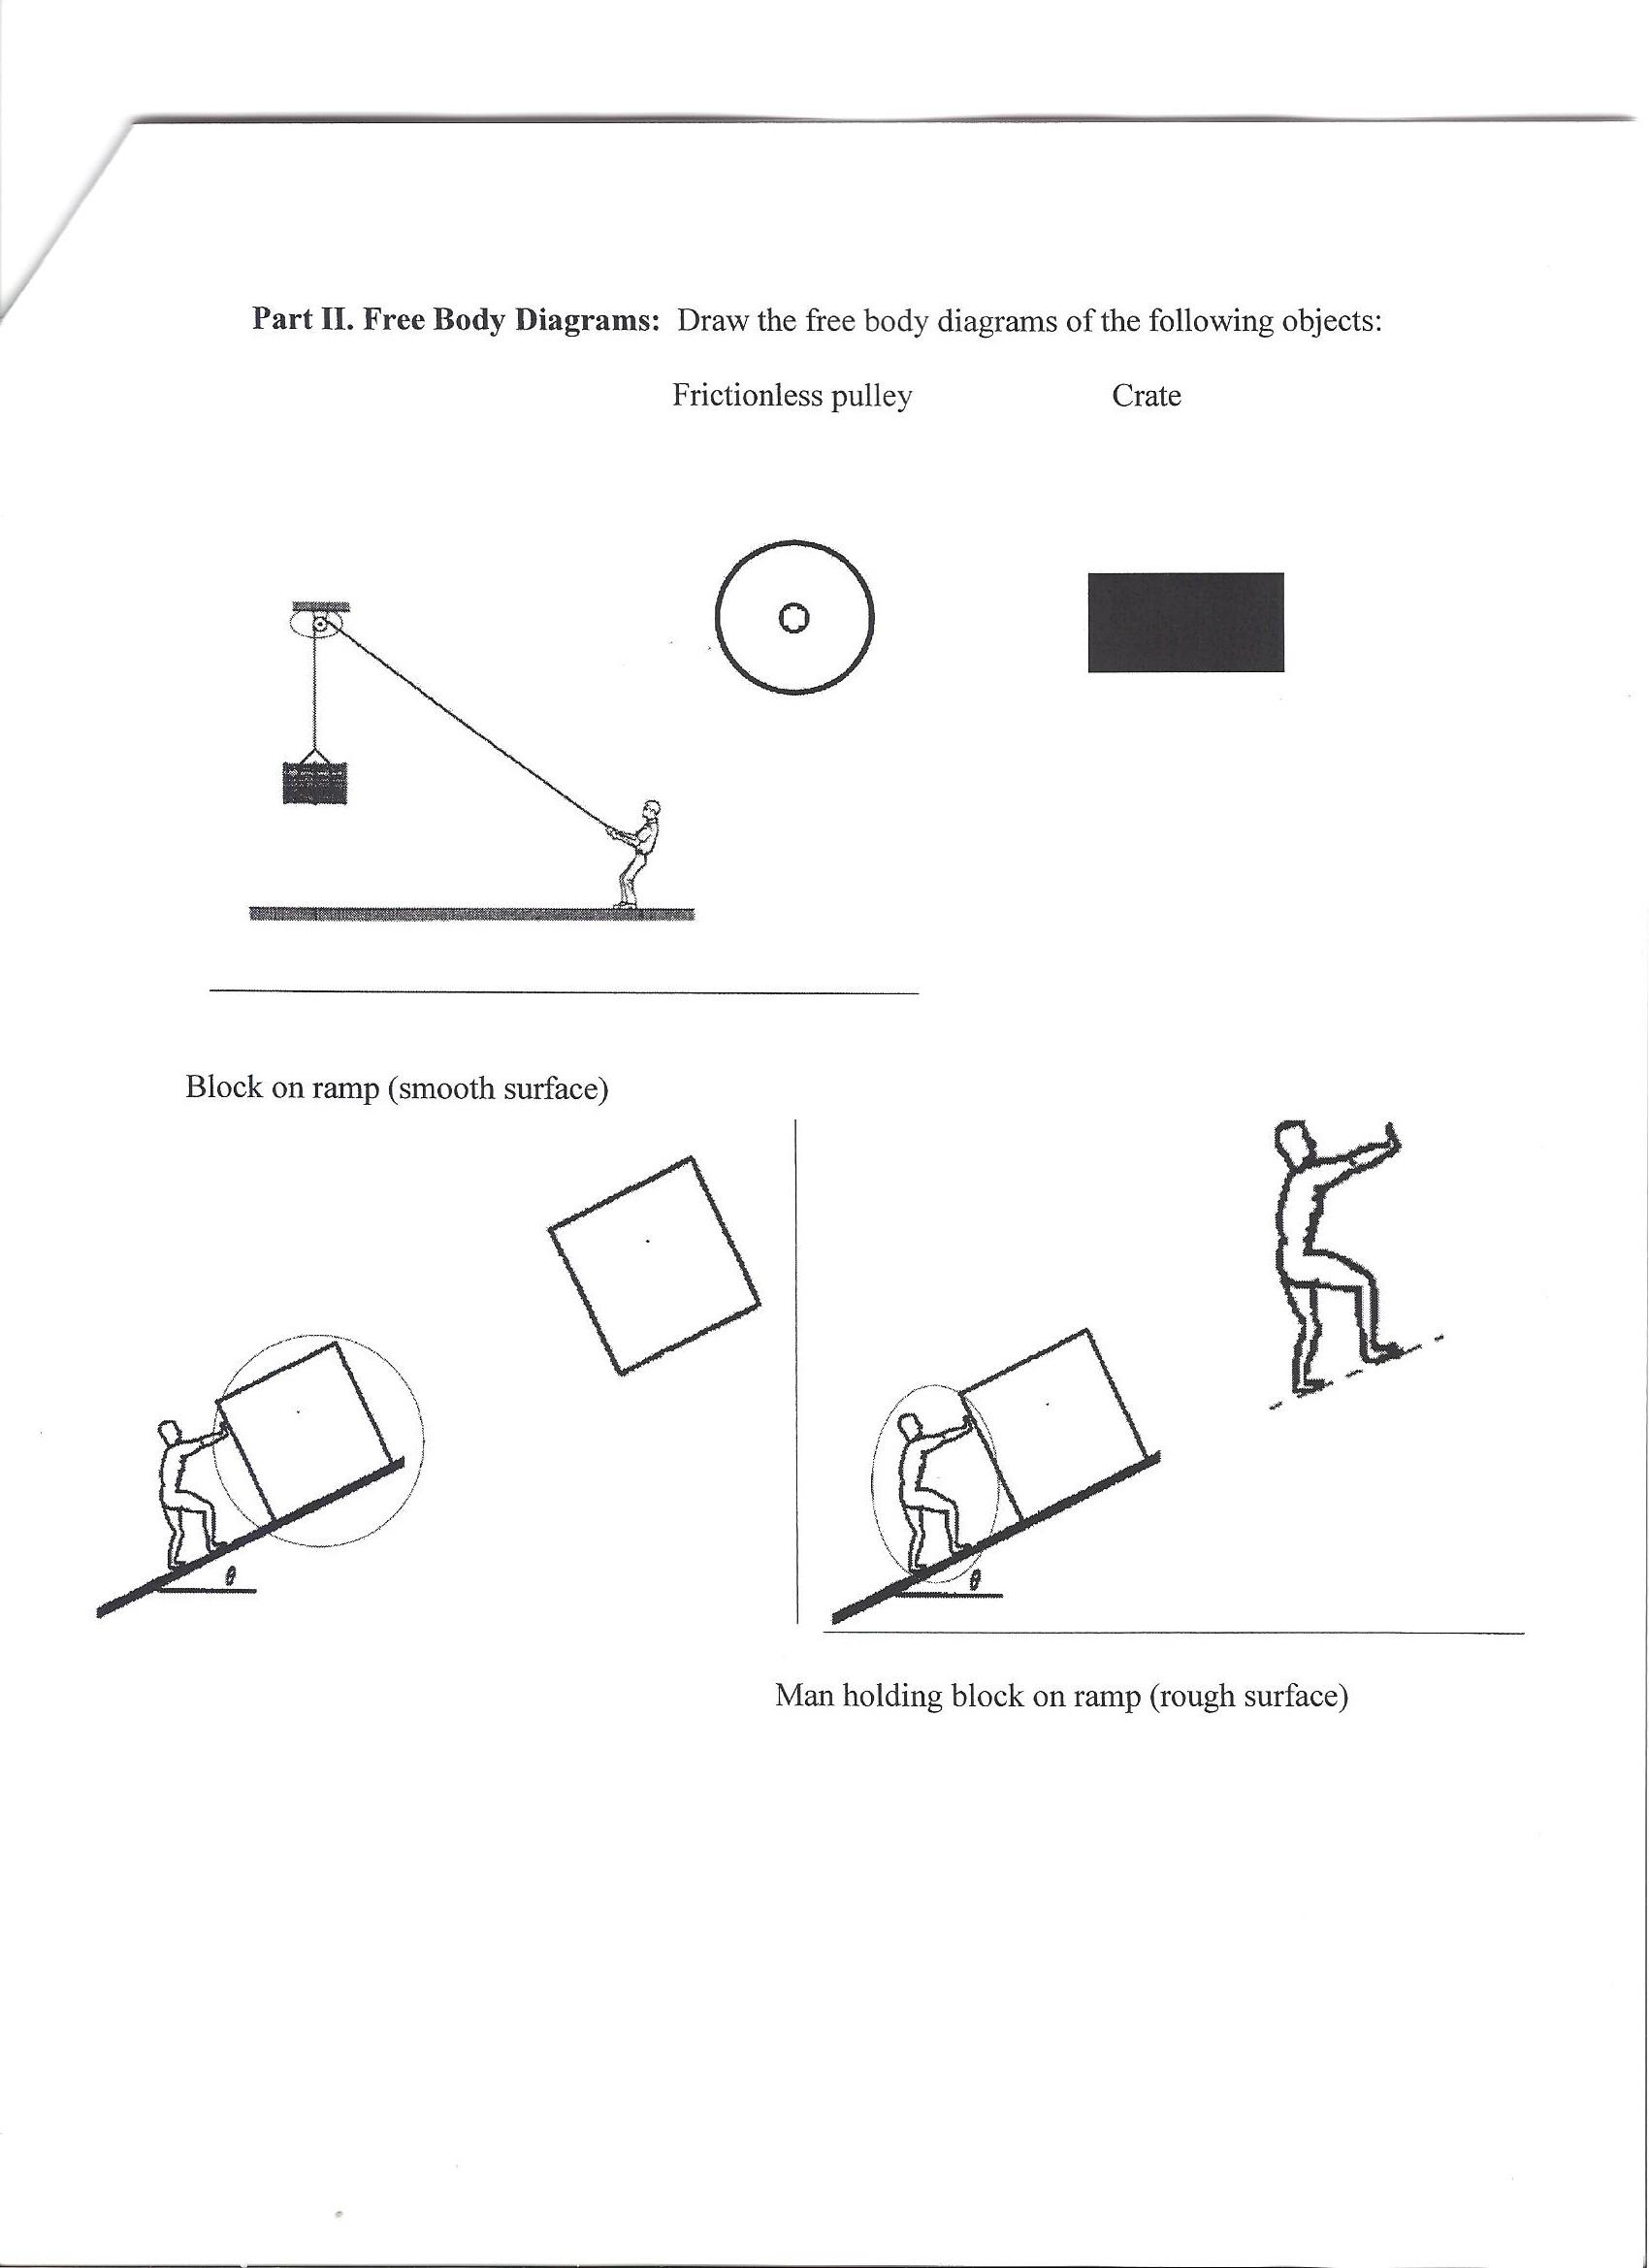 Mg1 homework help